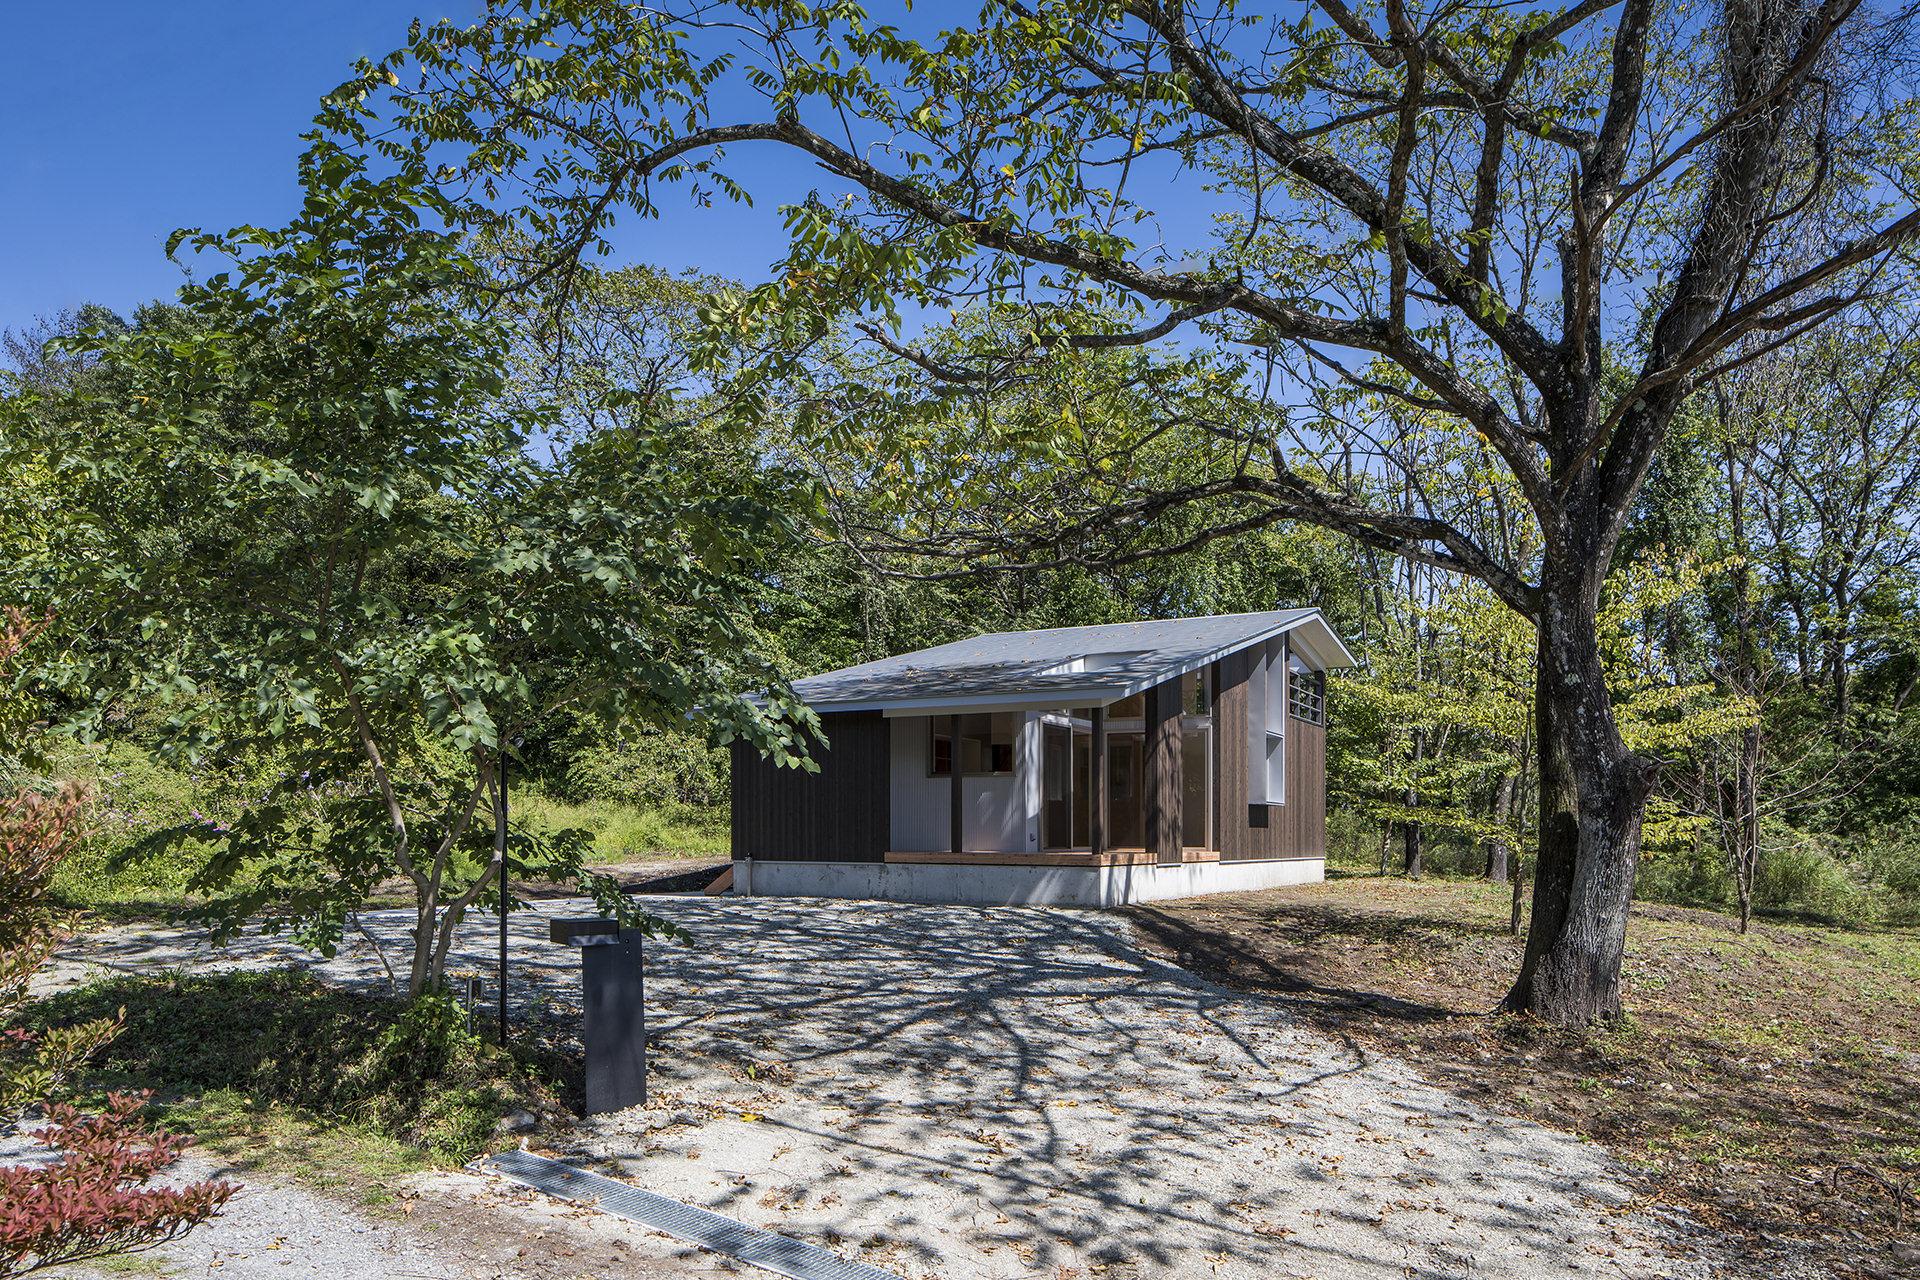 自然に寄り添う、アウトドアリビングをもつ大屋根の家 イメージ1 撮影:東涌写真事務所・東涌宏和